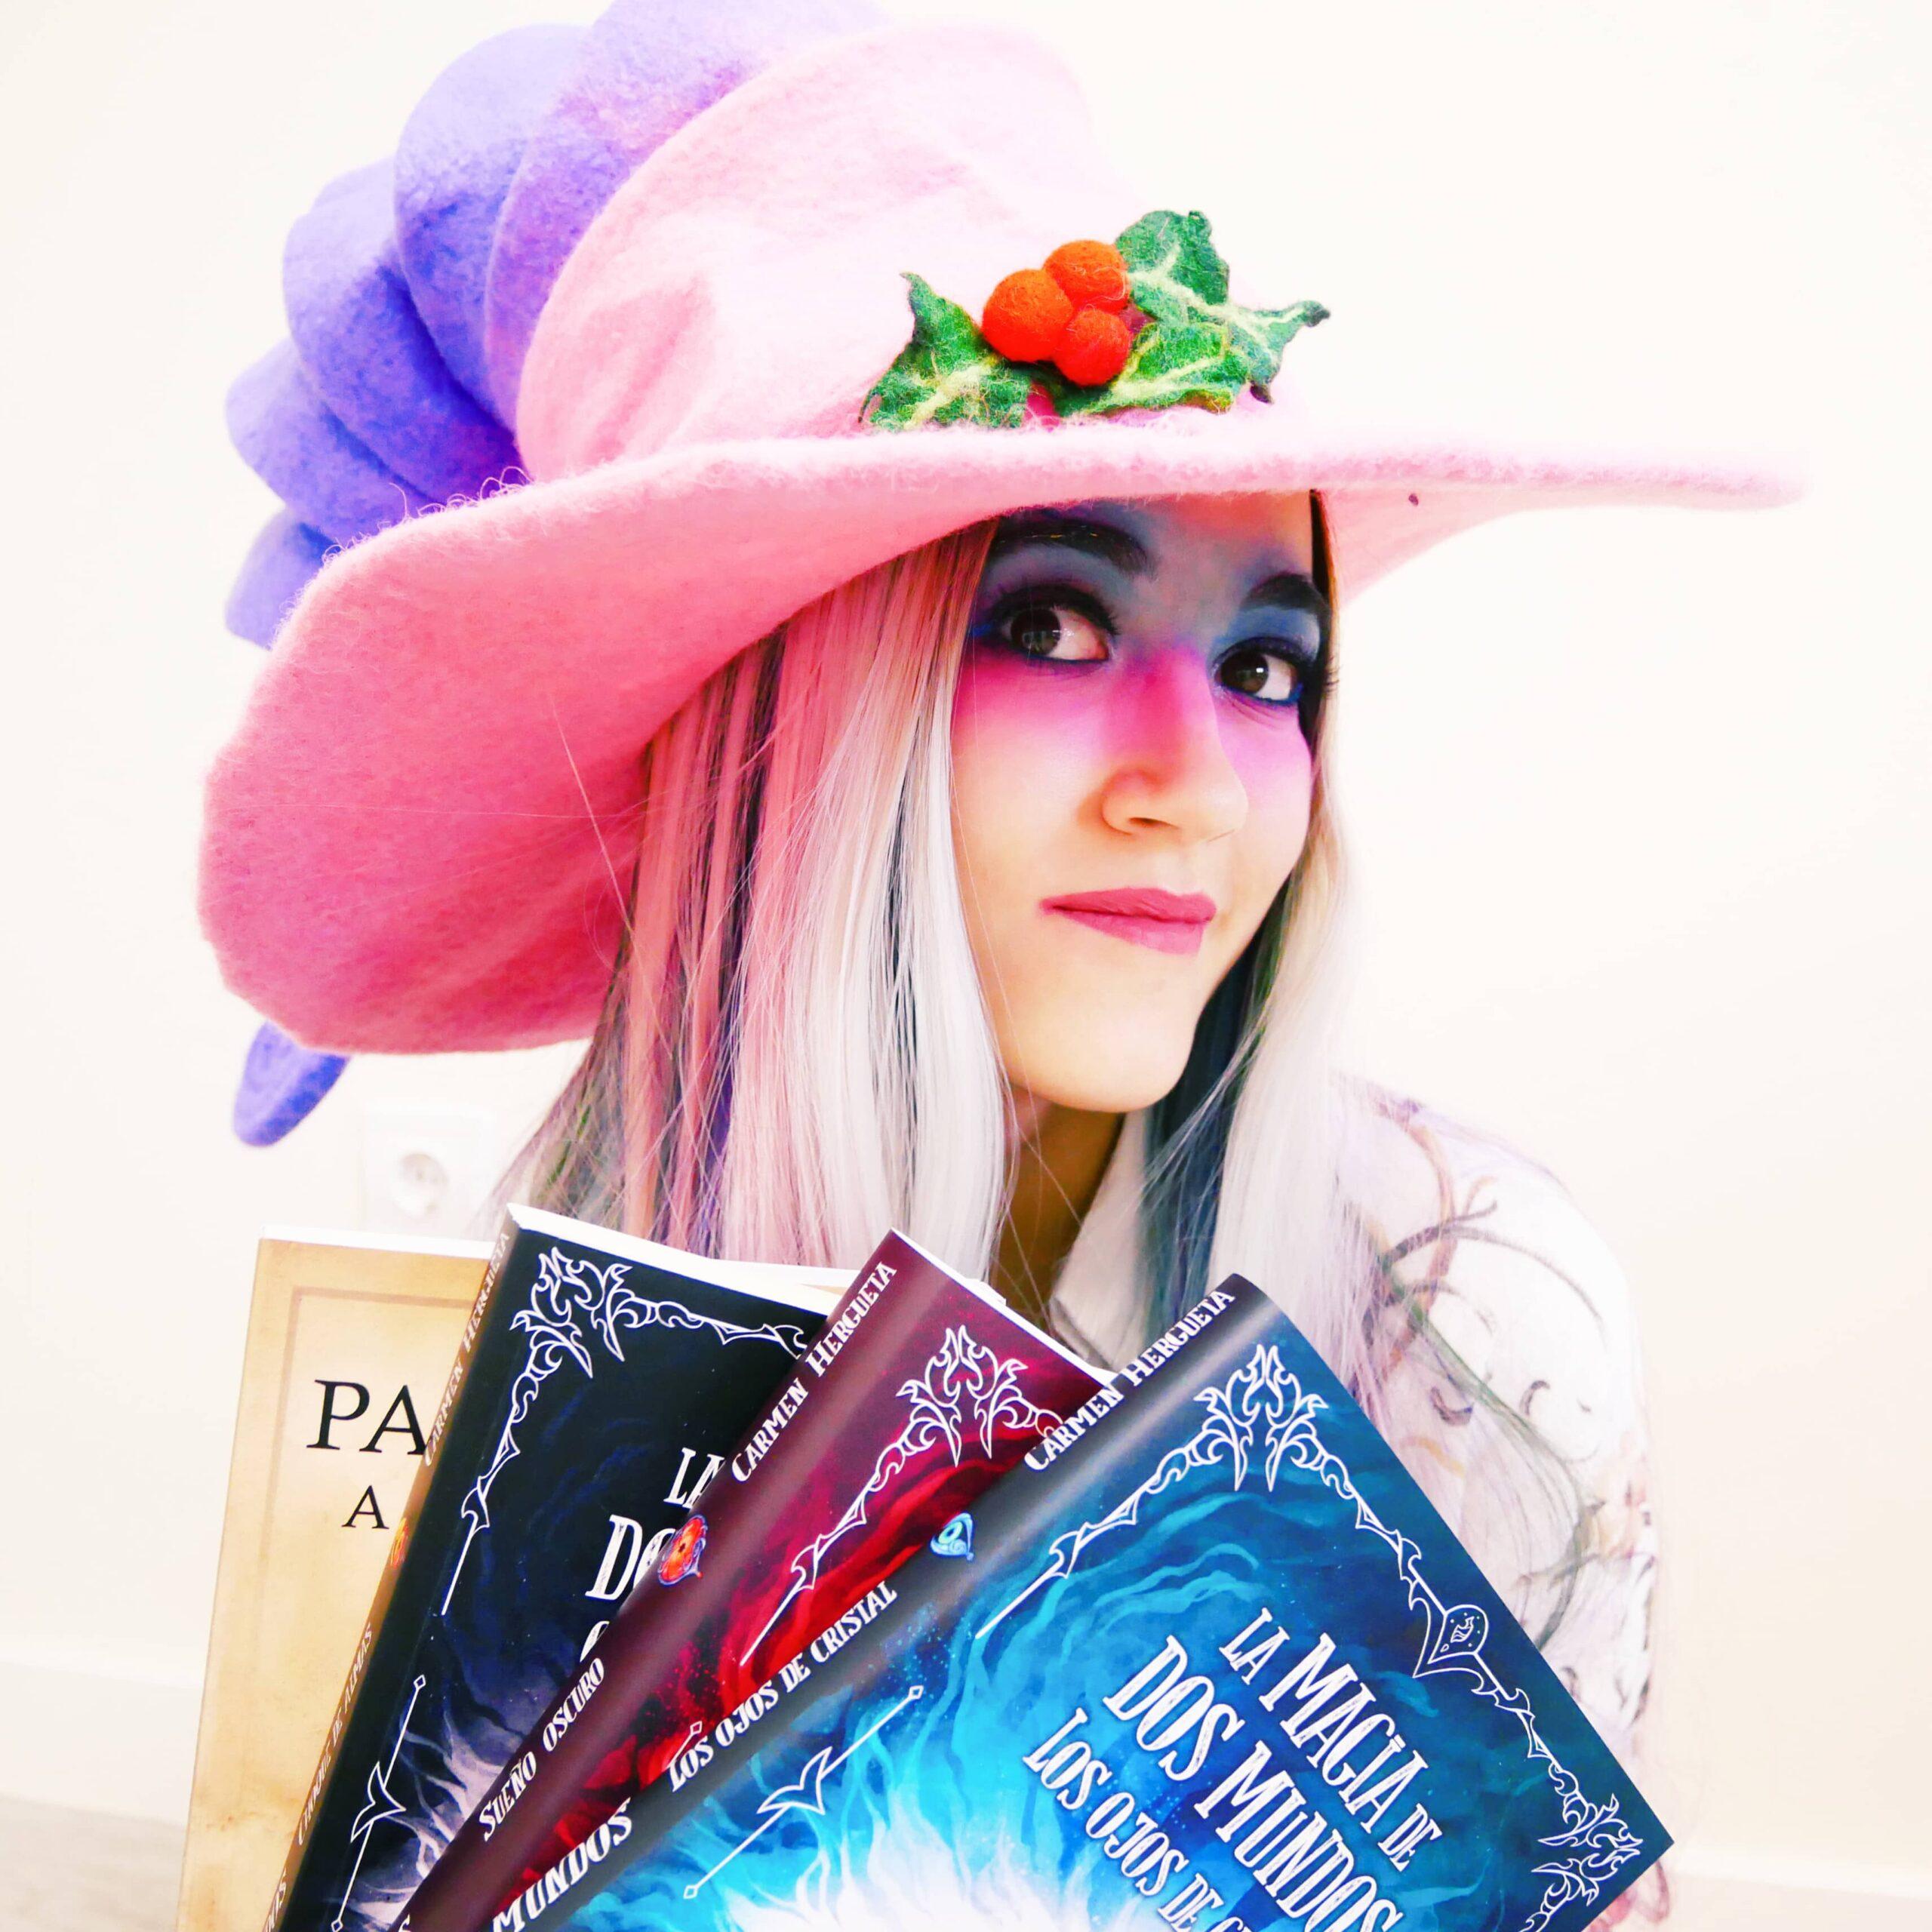 Viaja al mundo de fantasía creado por Carmen Hergueta